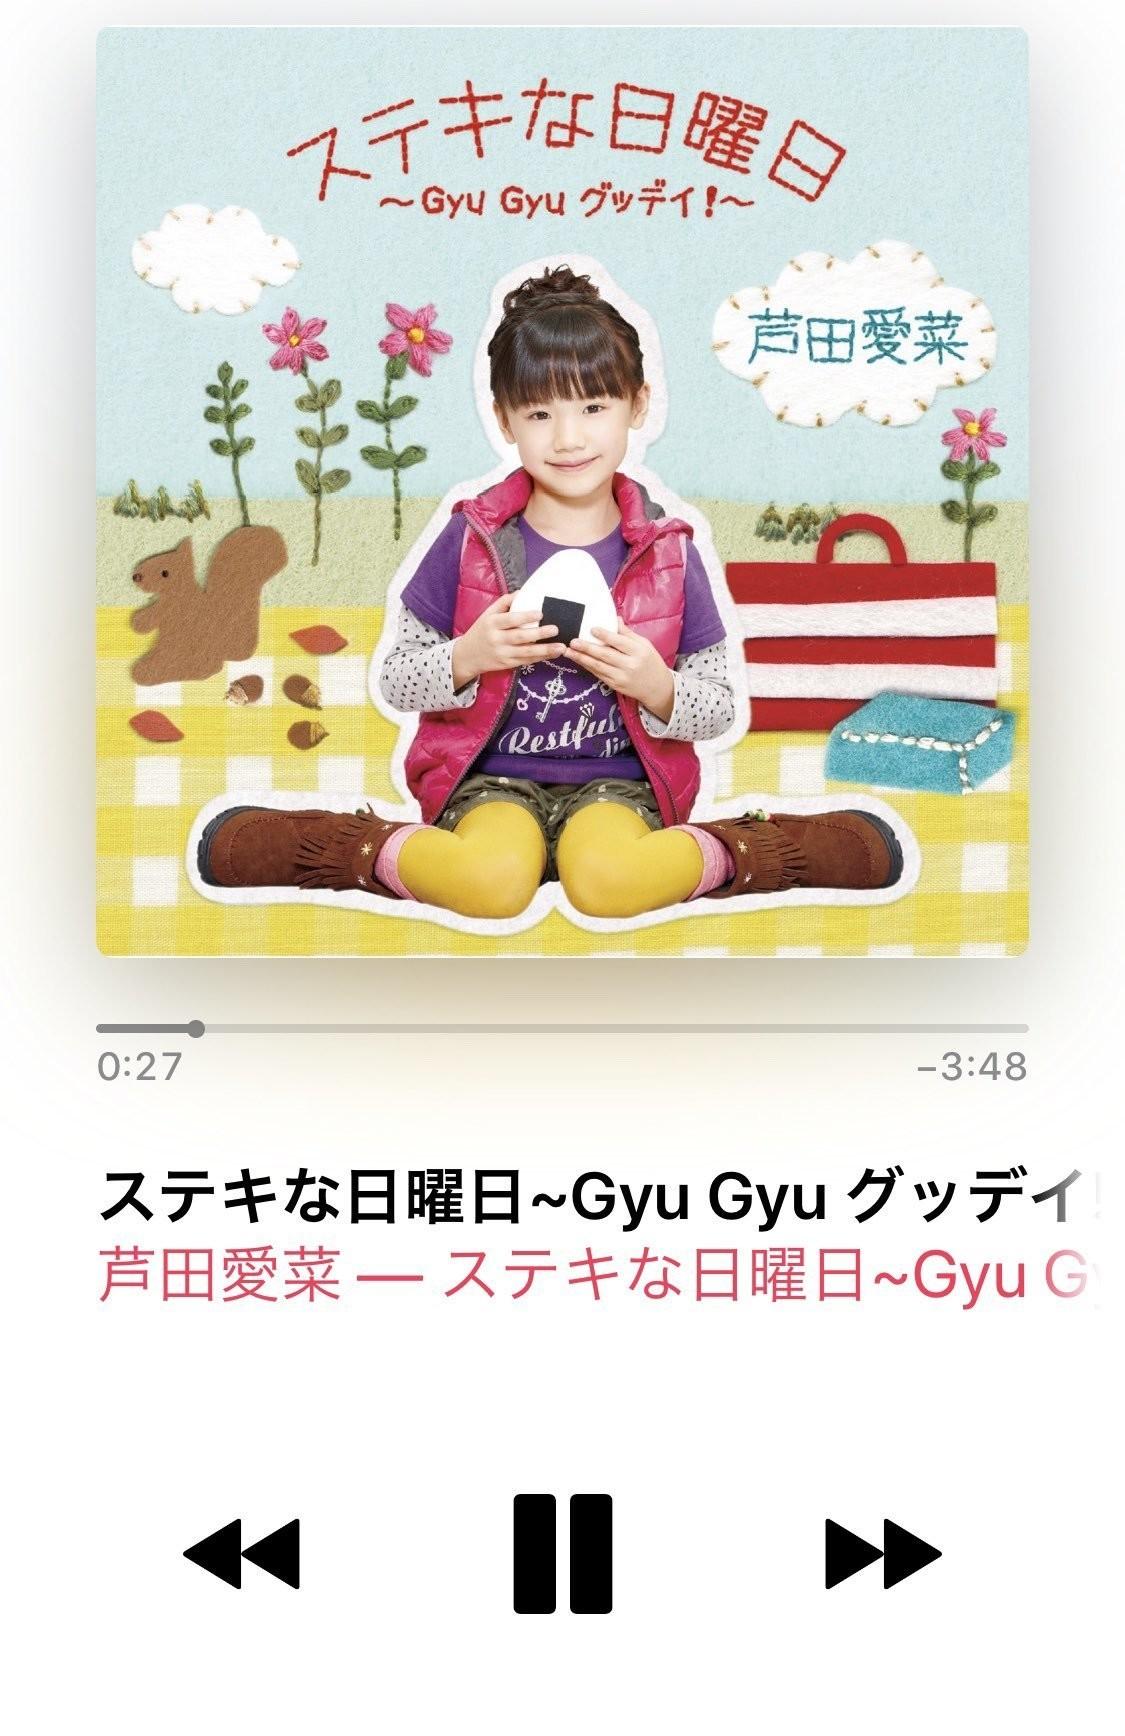 サークル gyu